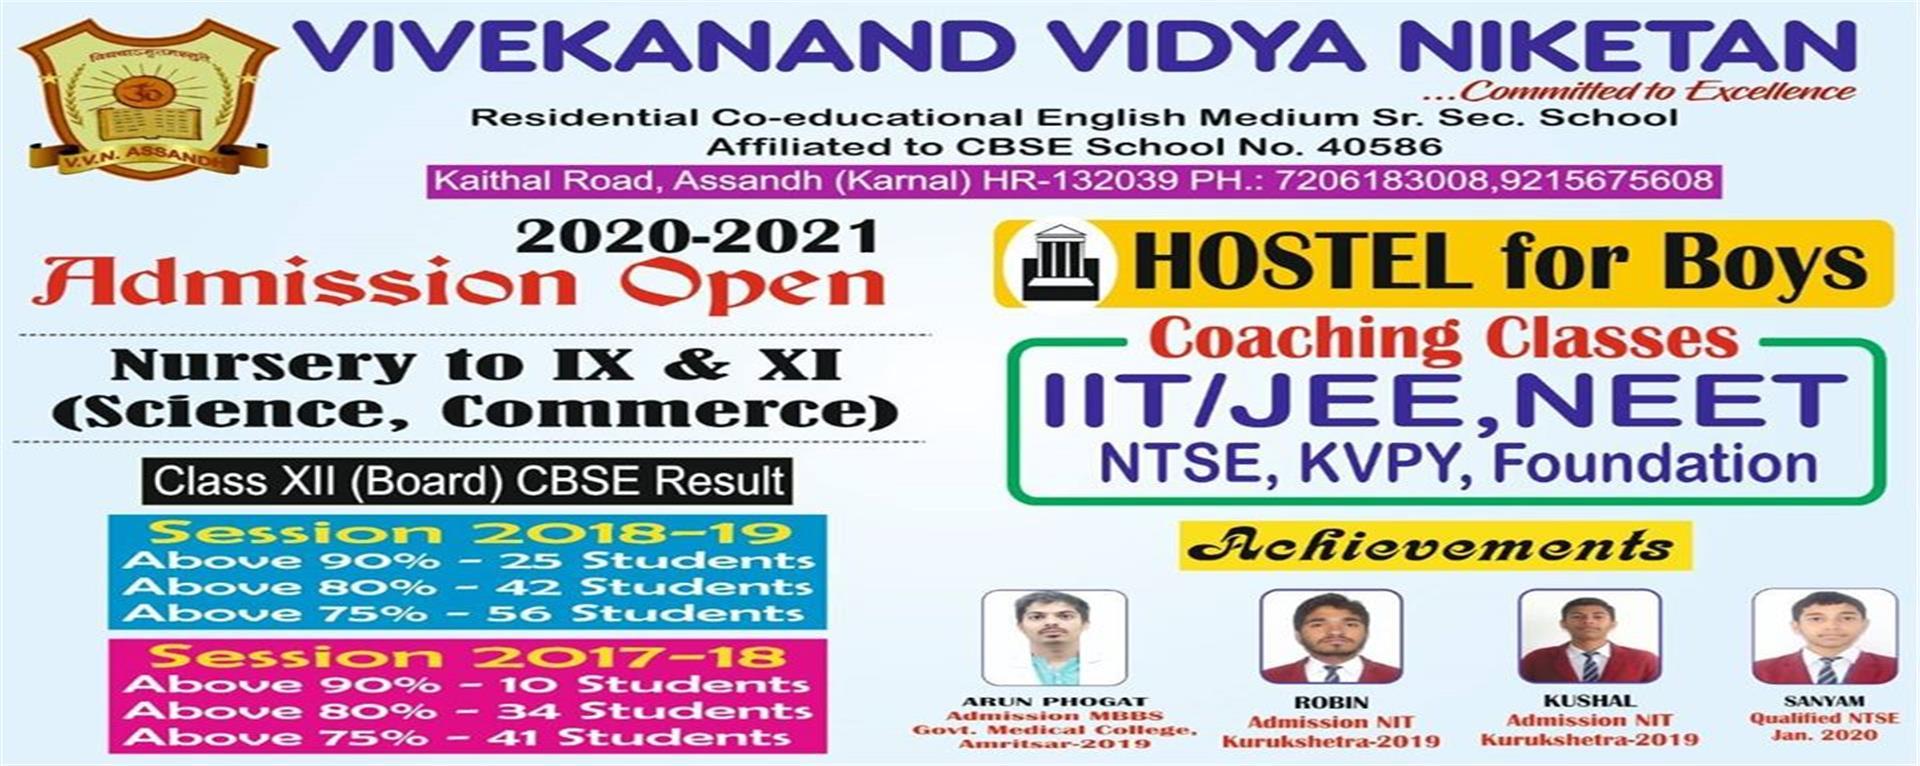 Vivekanand Vidya Niketan